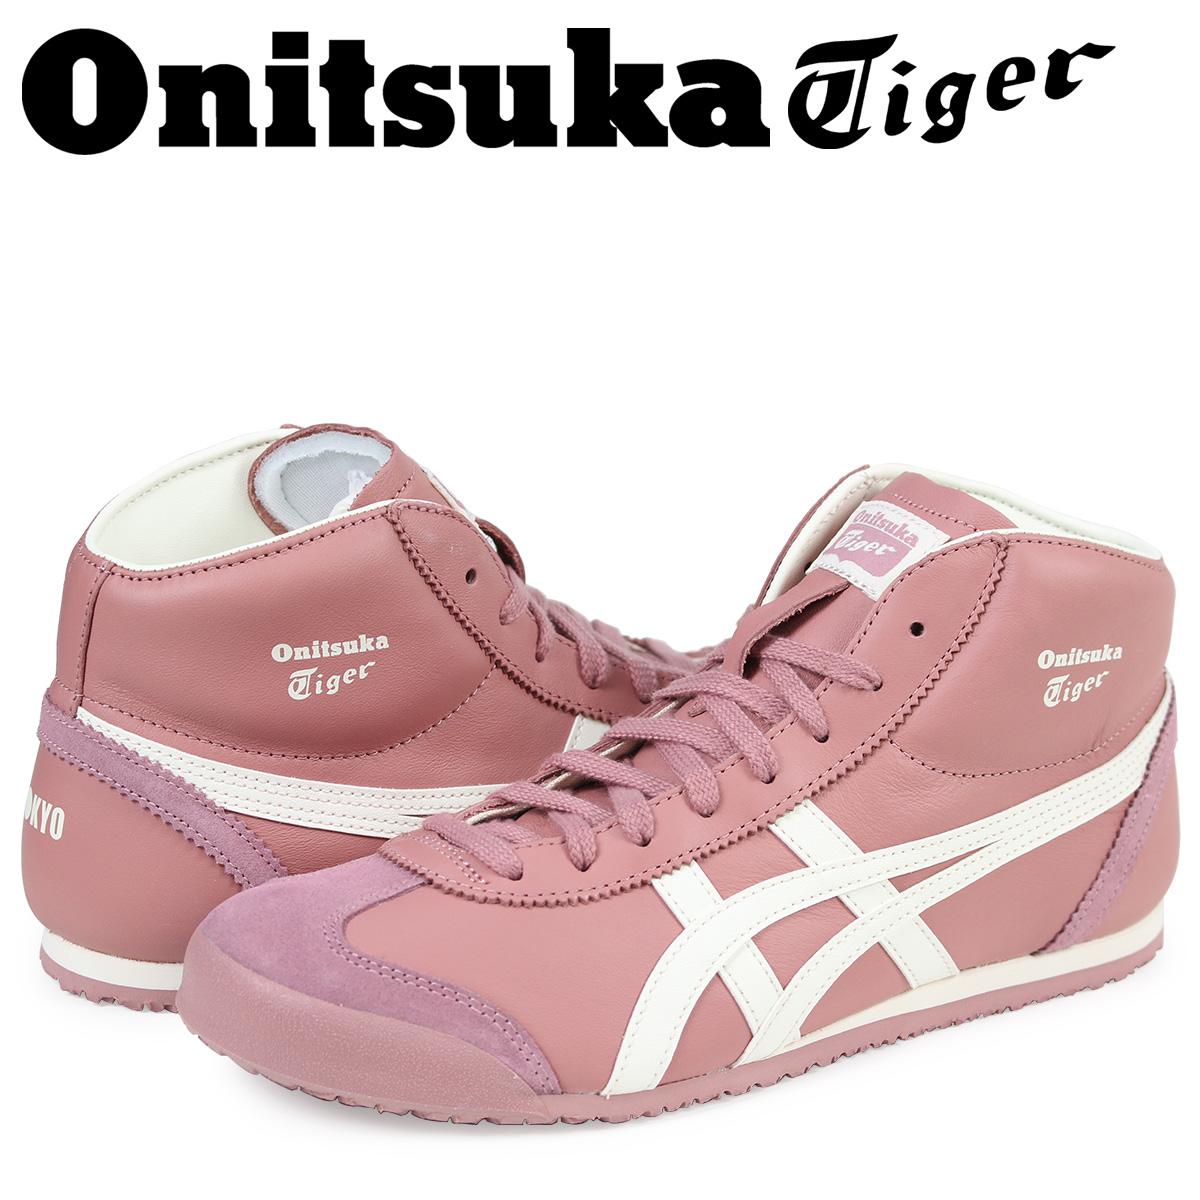 オニツカタイガー メキシコ ミッド ランナー Onitsuka Tiger MEXICO MID RUNNER メンズ スニーカー DL328-2400 THL328-2400 ピンク